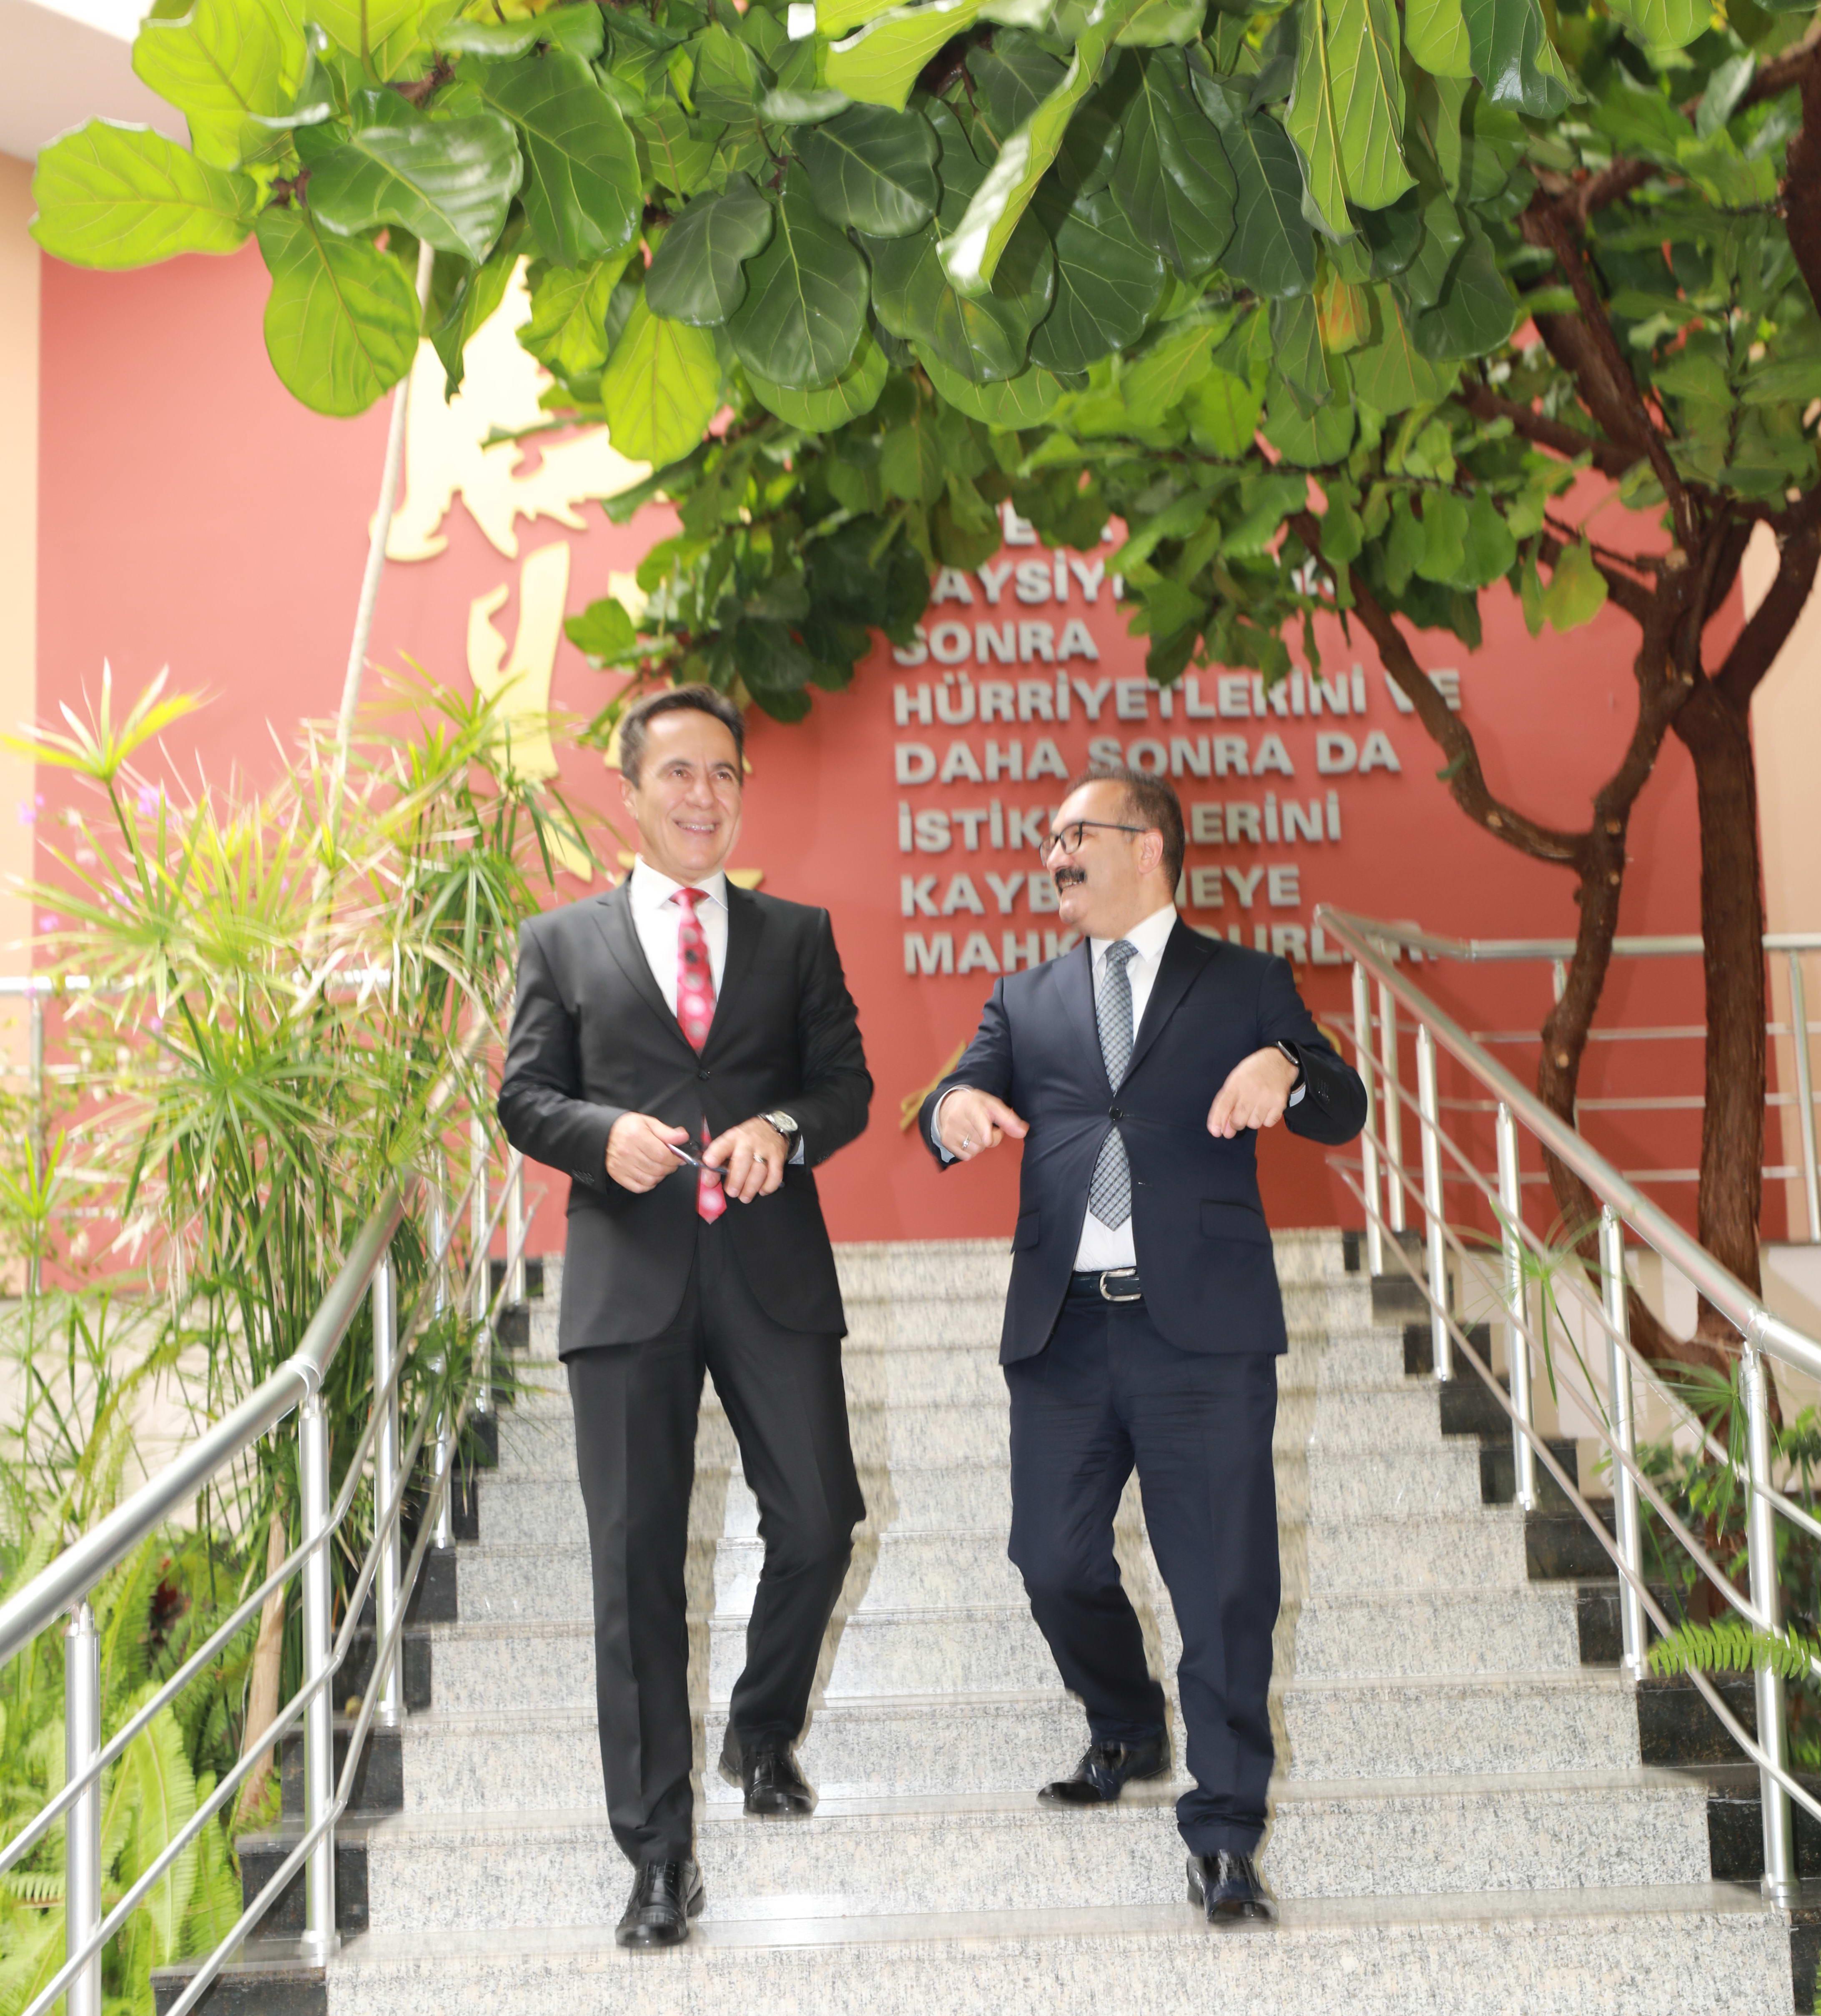 Başsavcı Çokdinç'ten Rektör Gür'e ziyaret -  (2)